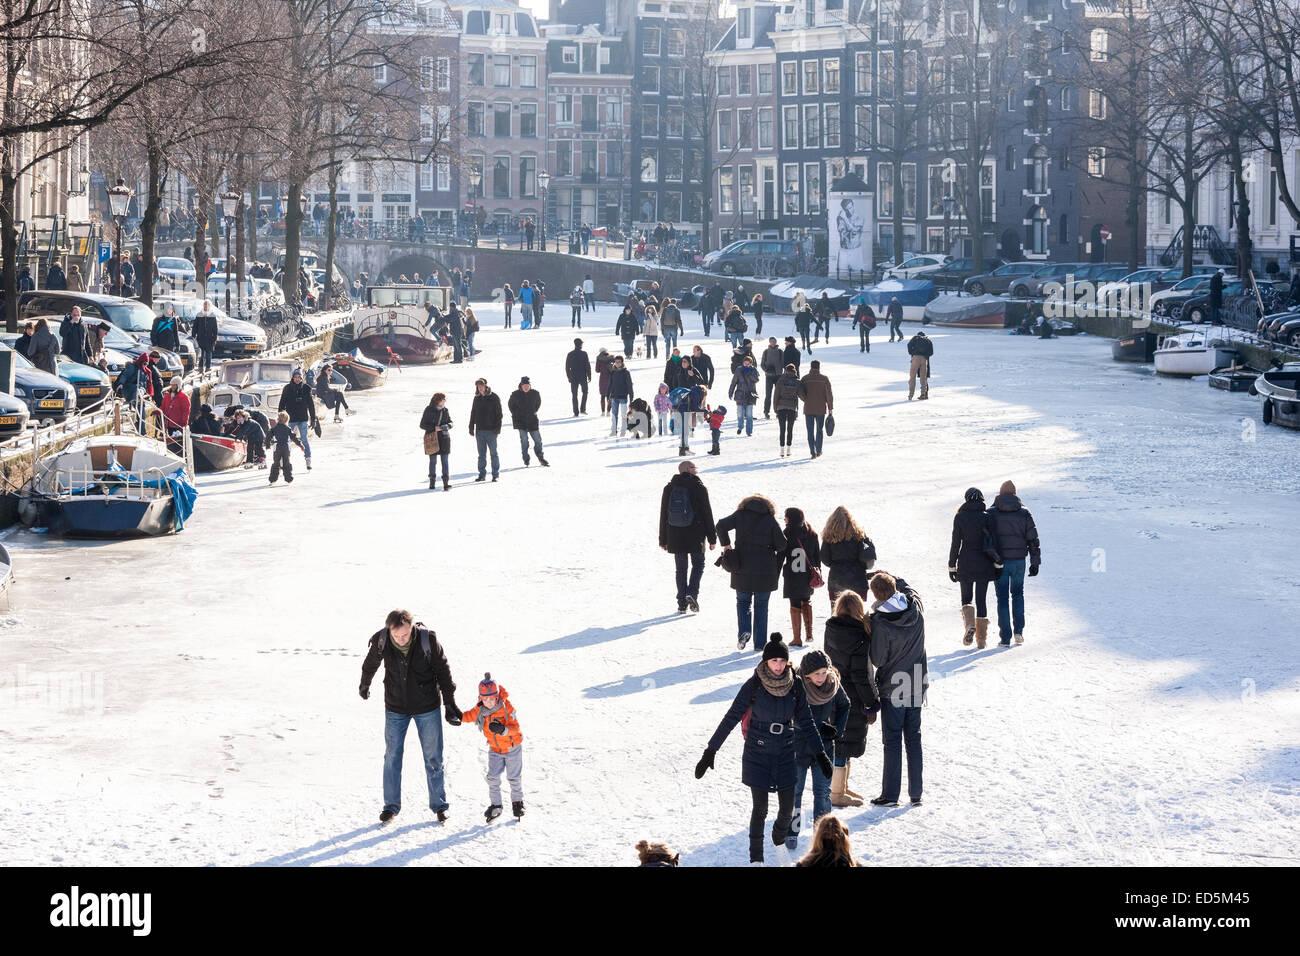 Amsterdam Patinoire sur un canal gelé en hiver. Canal Keizersgracht. Photo Stock